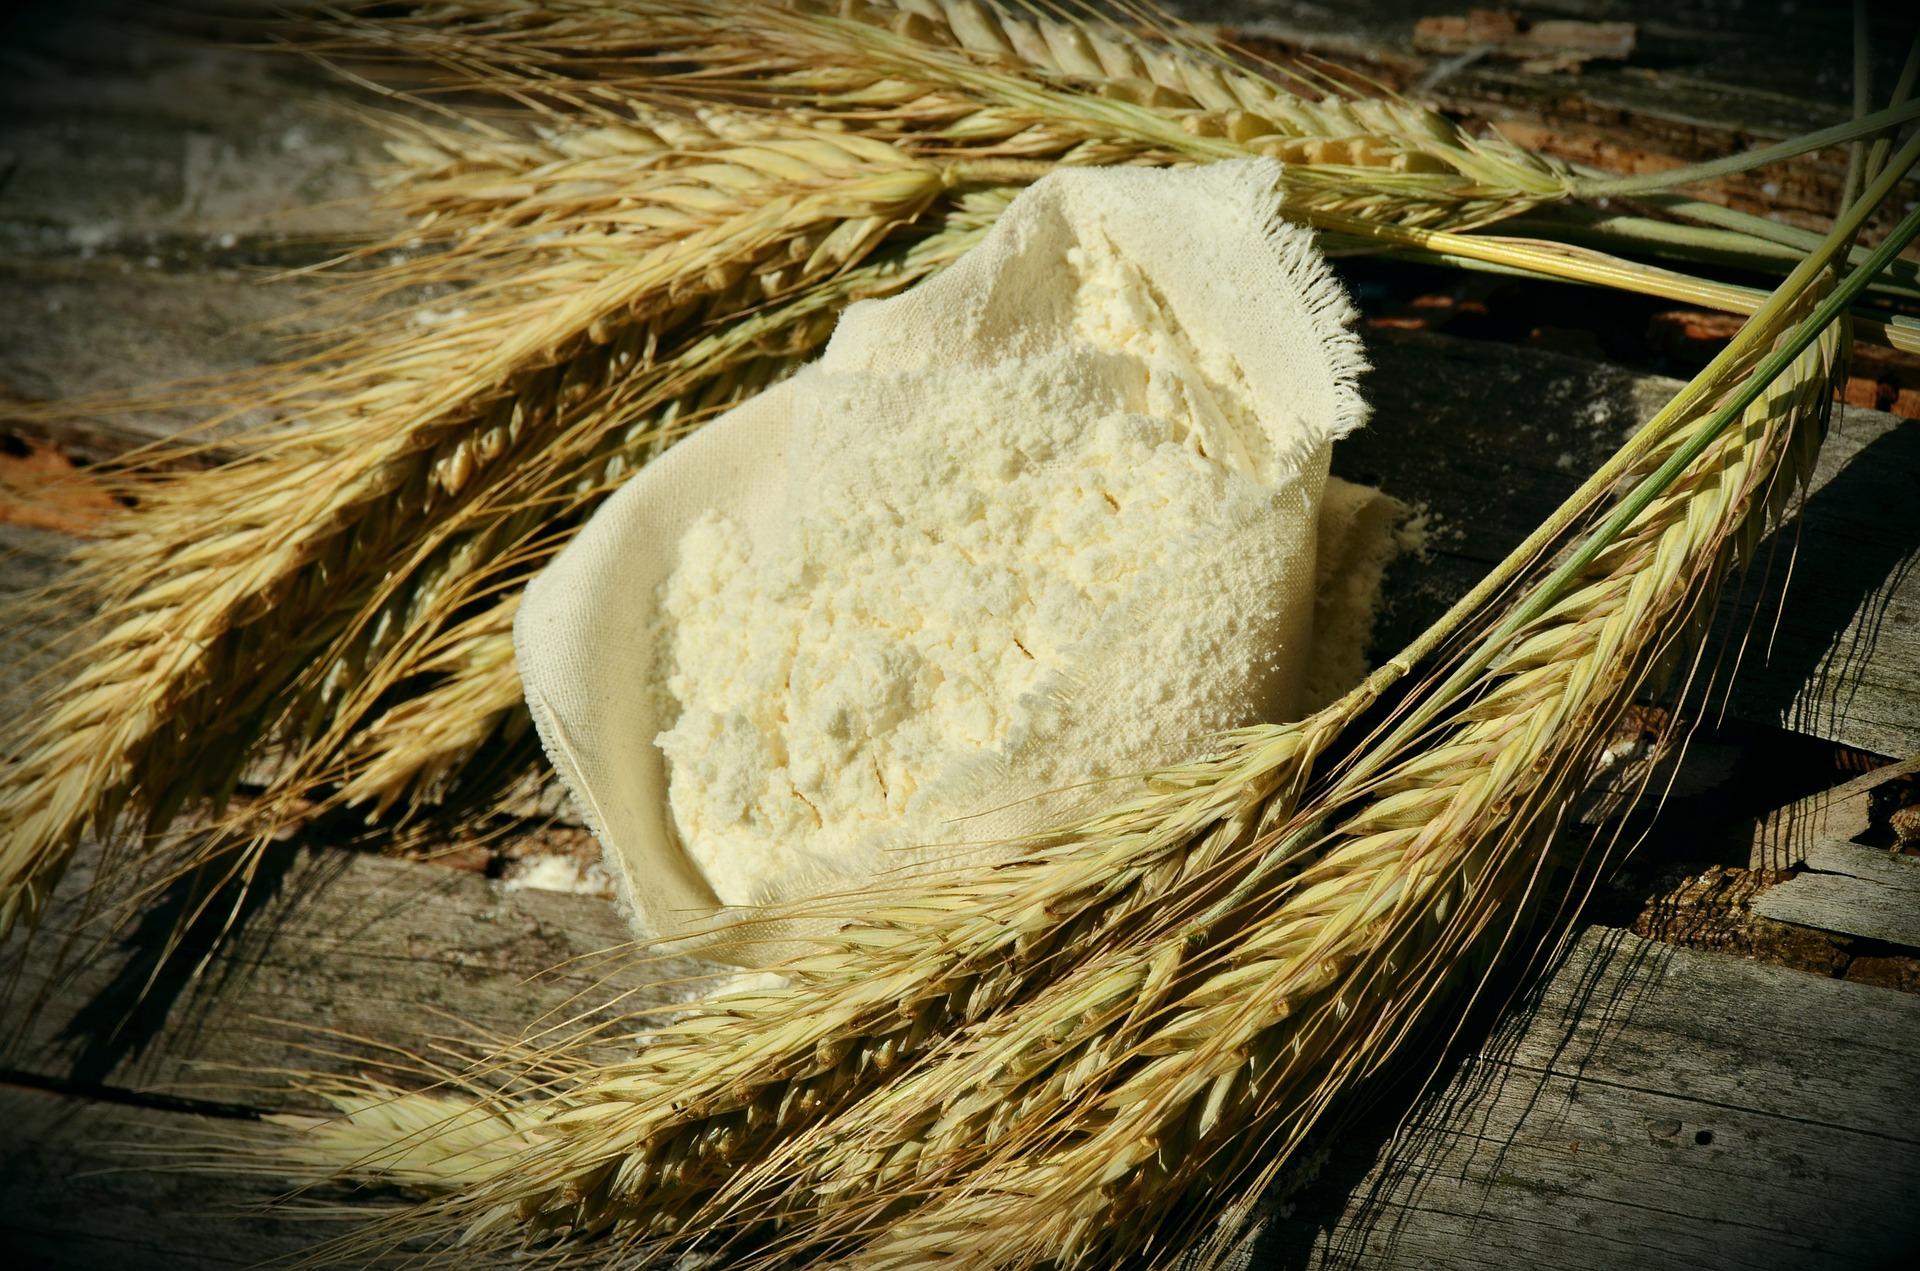 «Аграрний фонд» попередньо домовився щодо експорту борошна до країн Близького Сходу та Африки